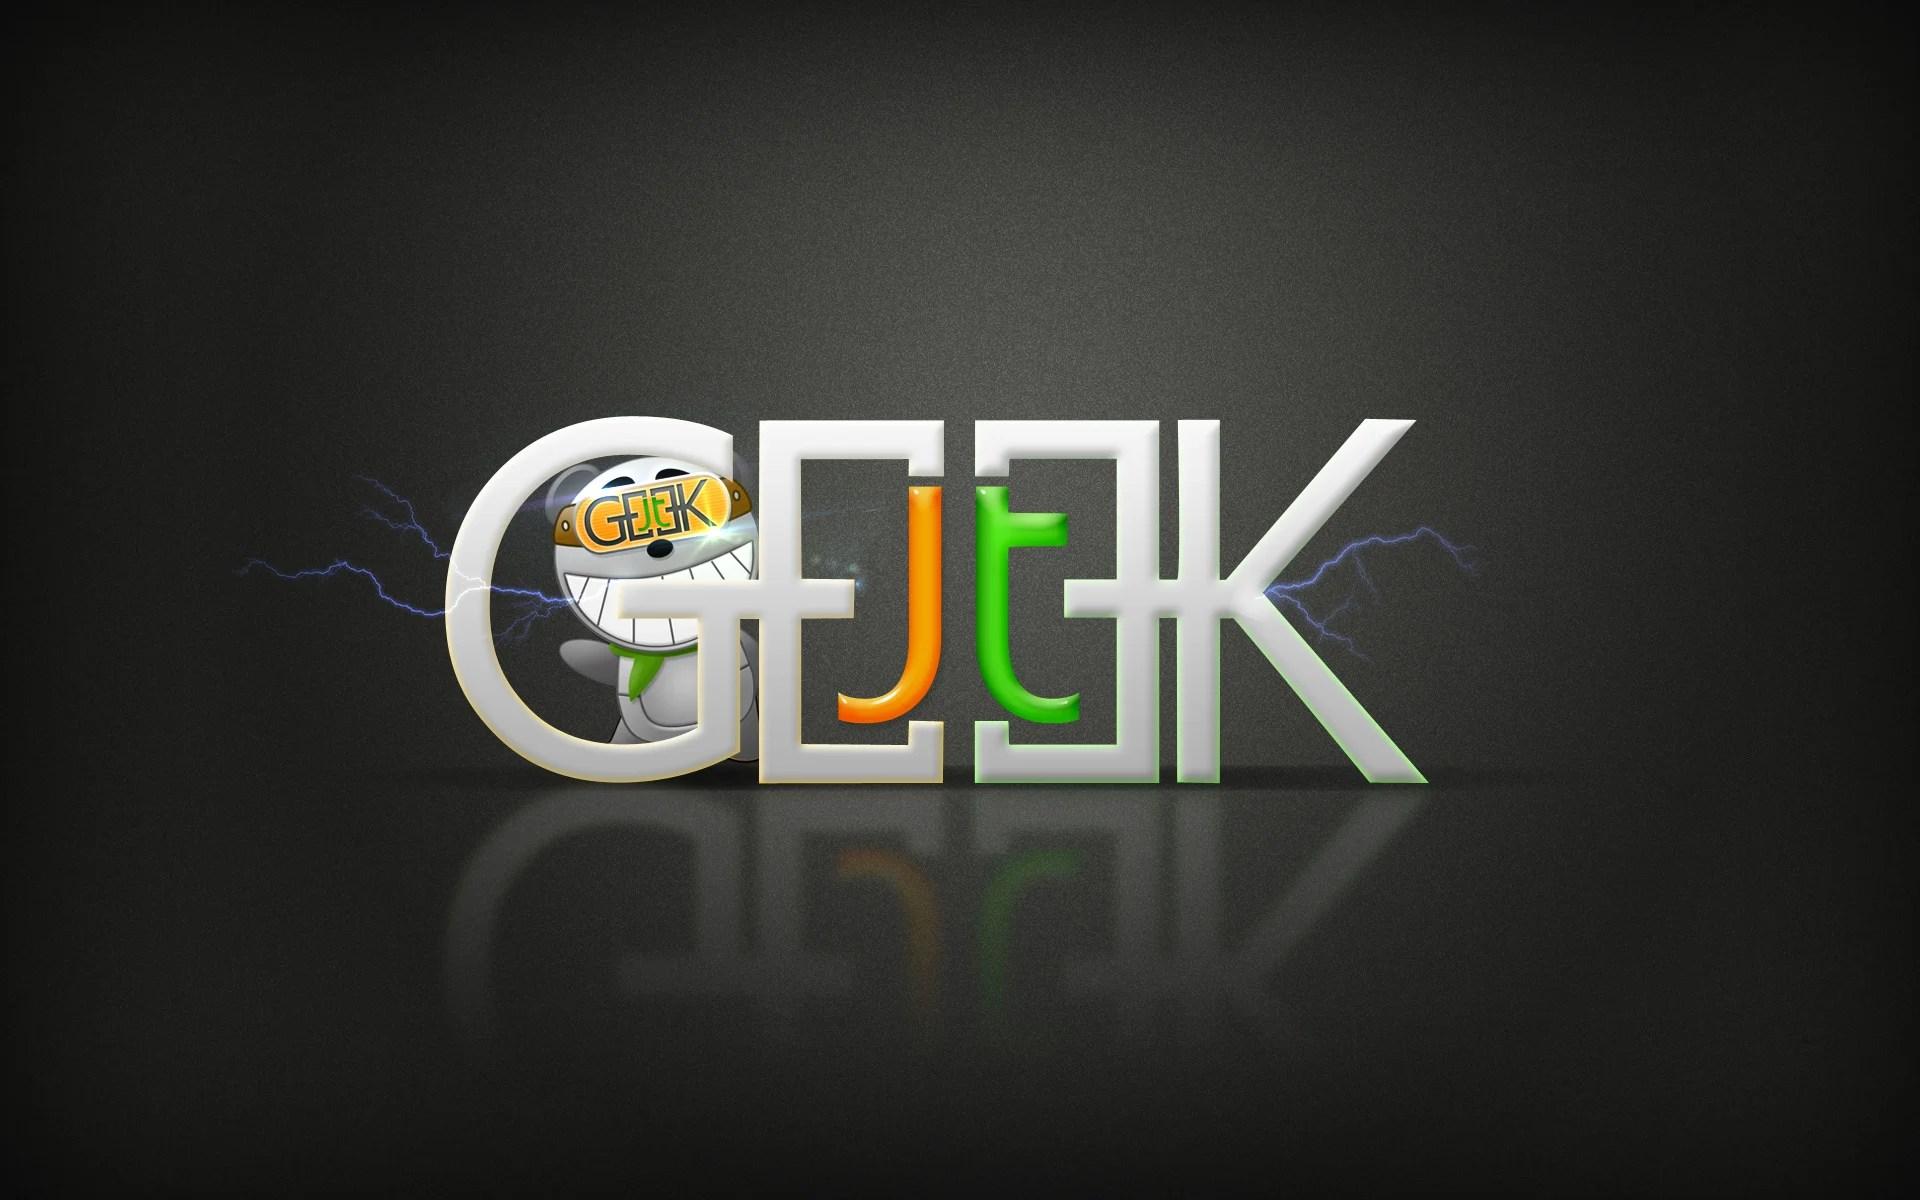 Wallpapers officiels du jt geek avec pangeek for Fond d ecran pour pc 17 pouces